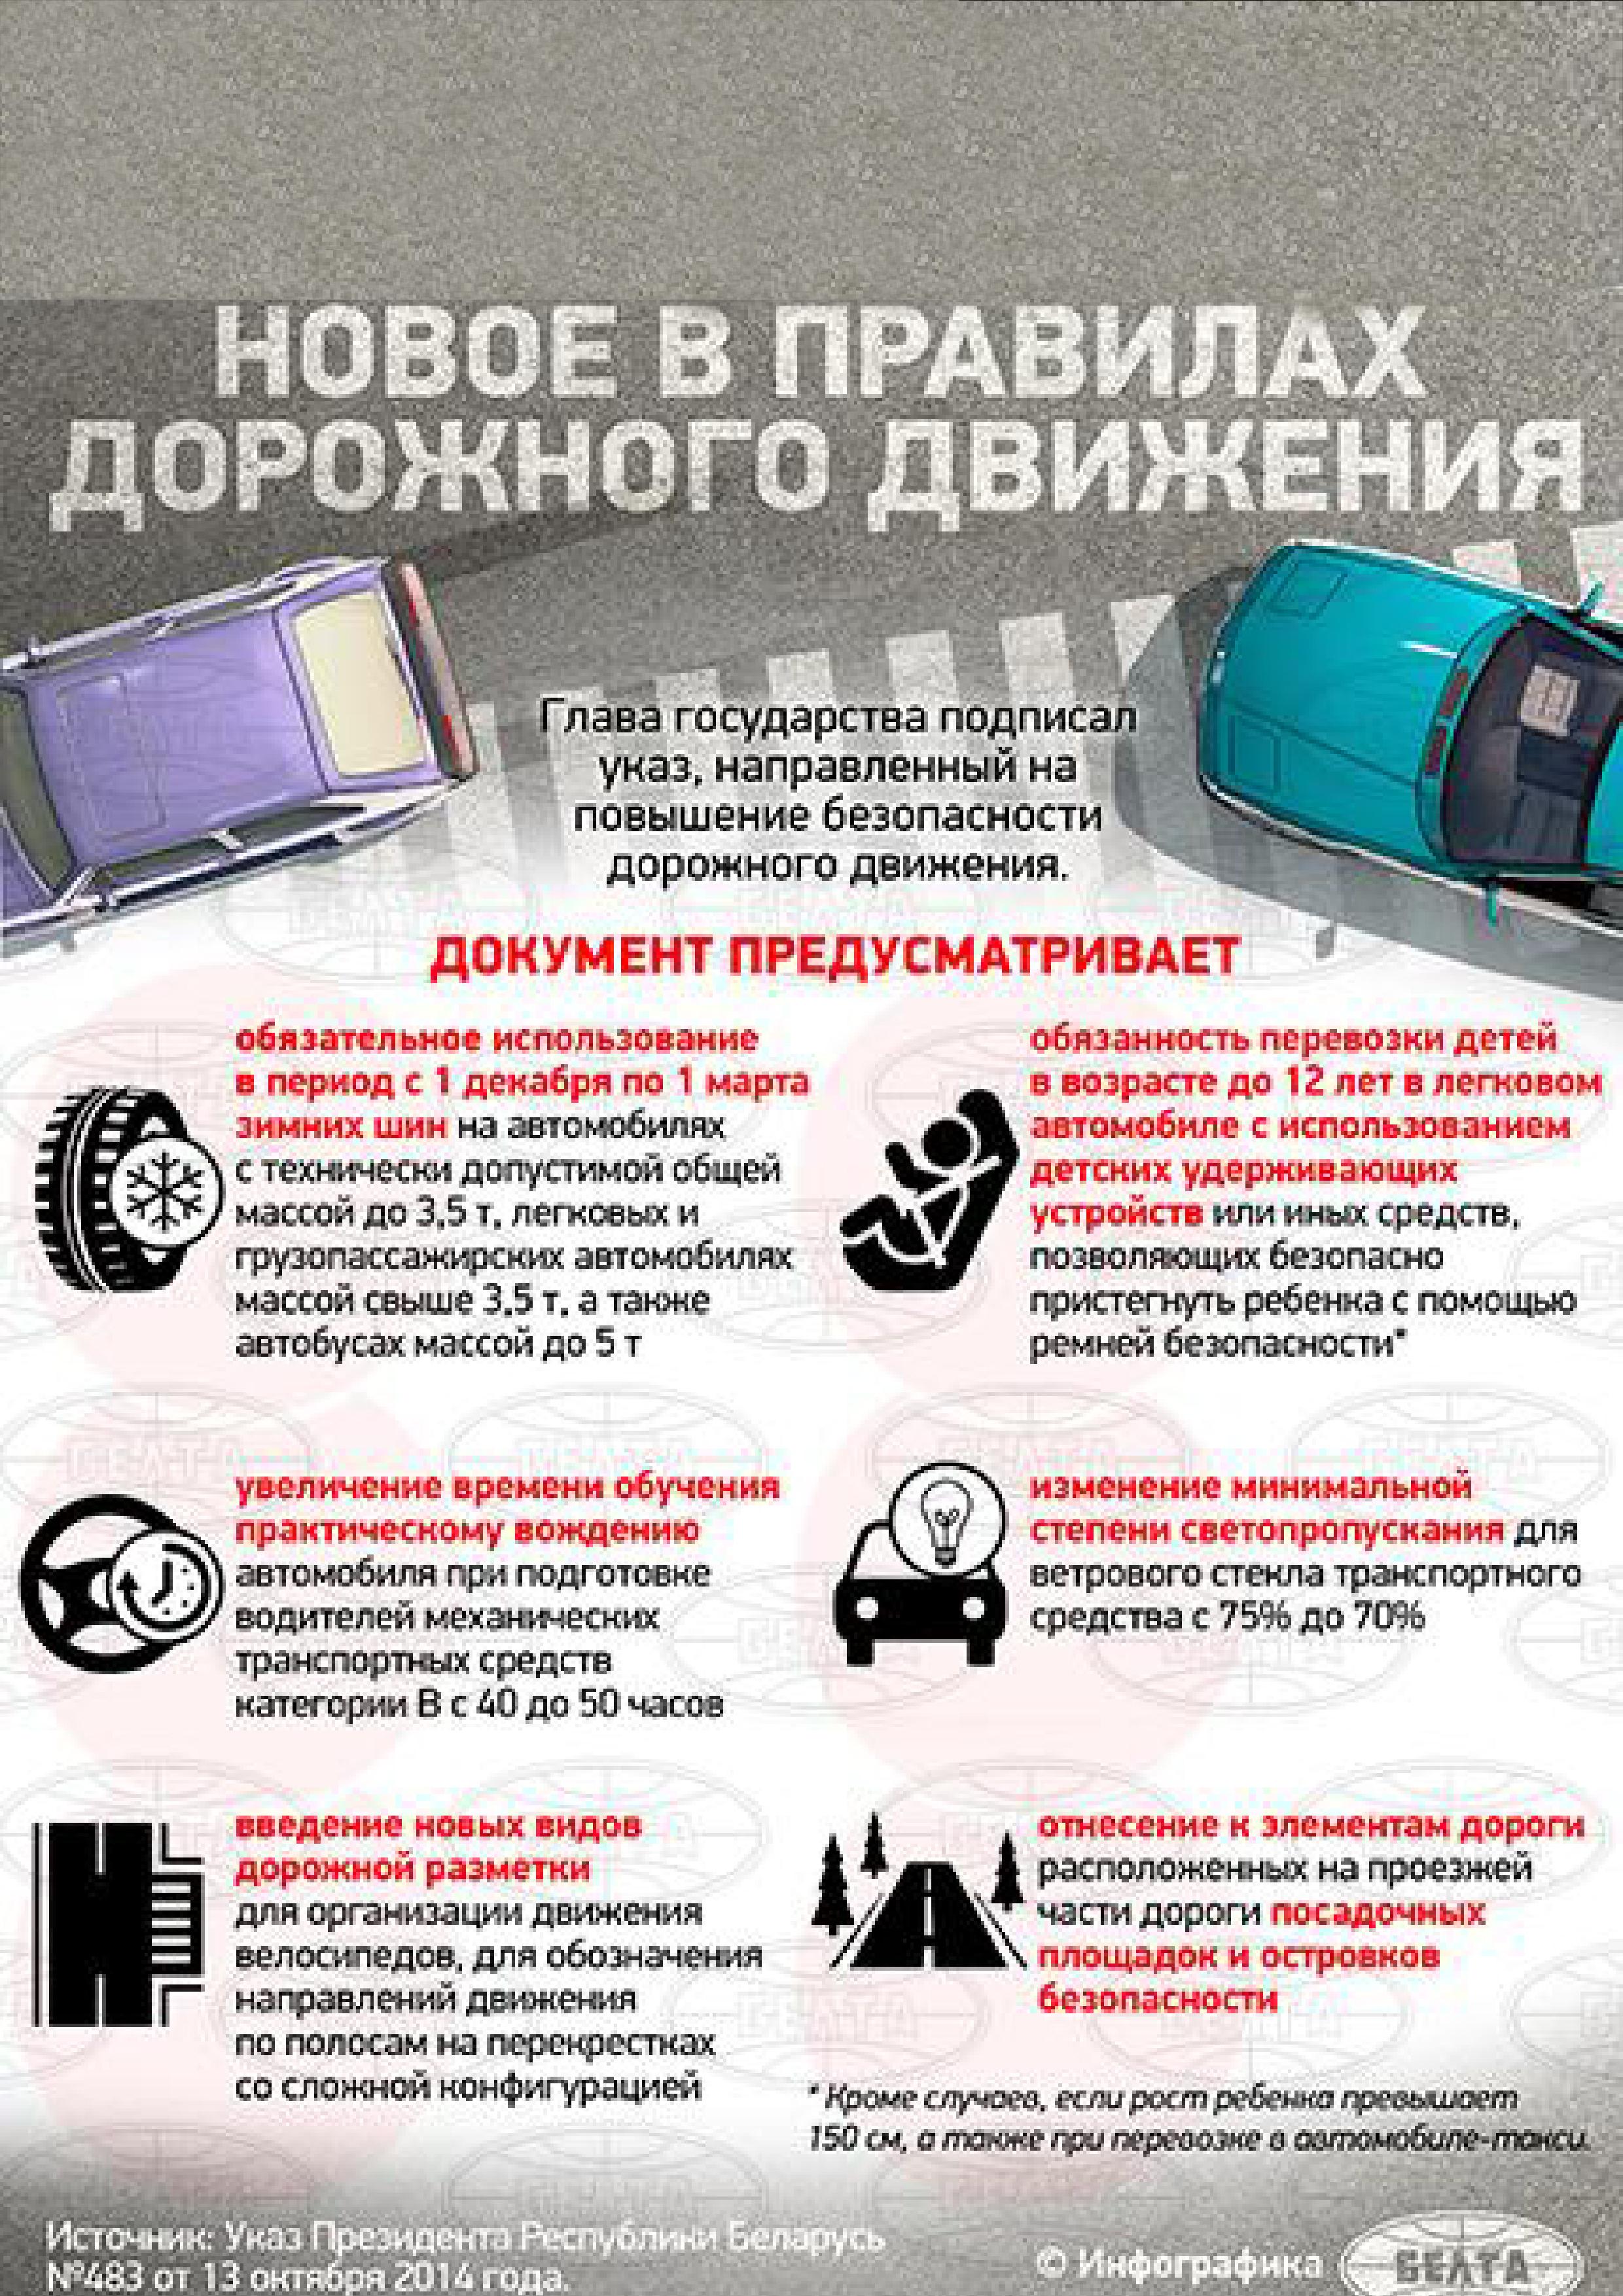 Пдд 2018 новые правила дорожного движения